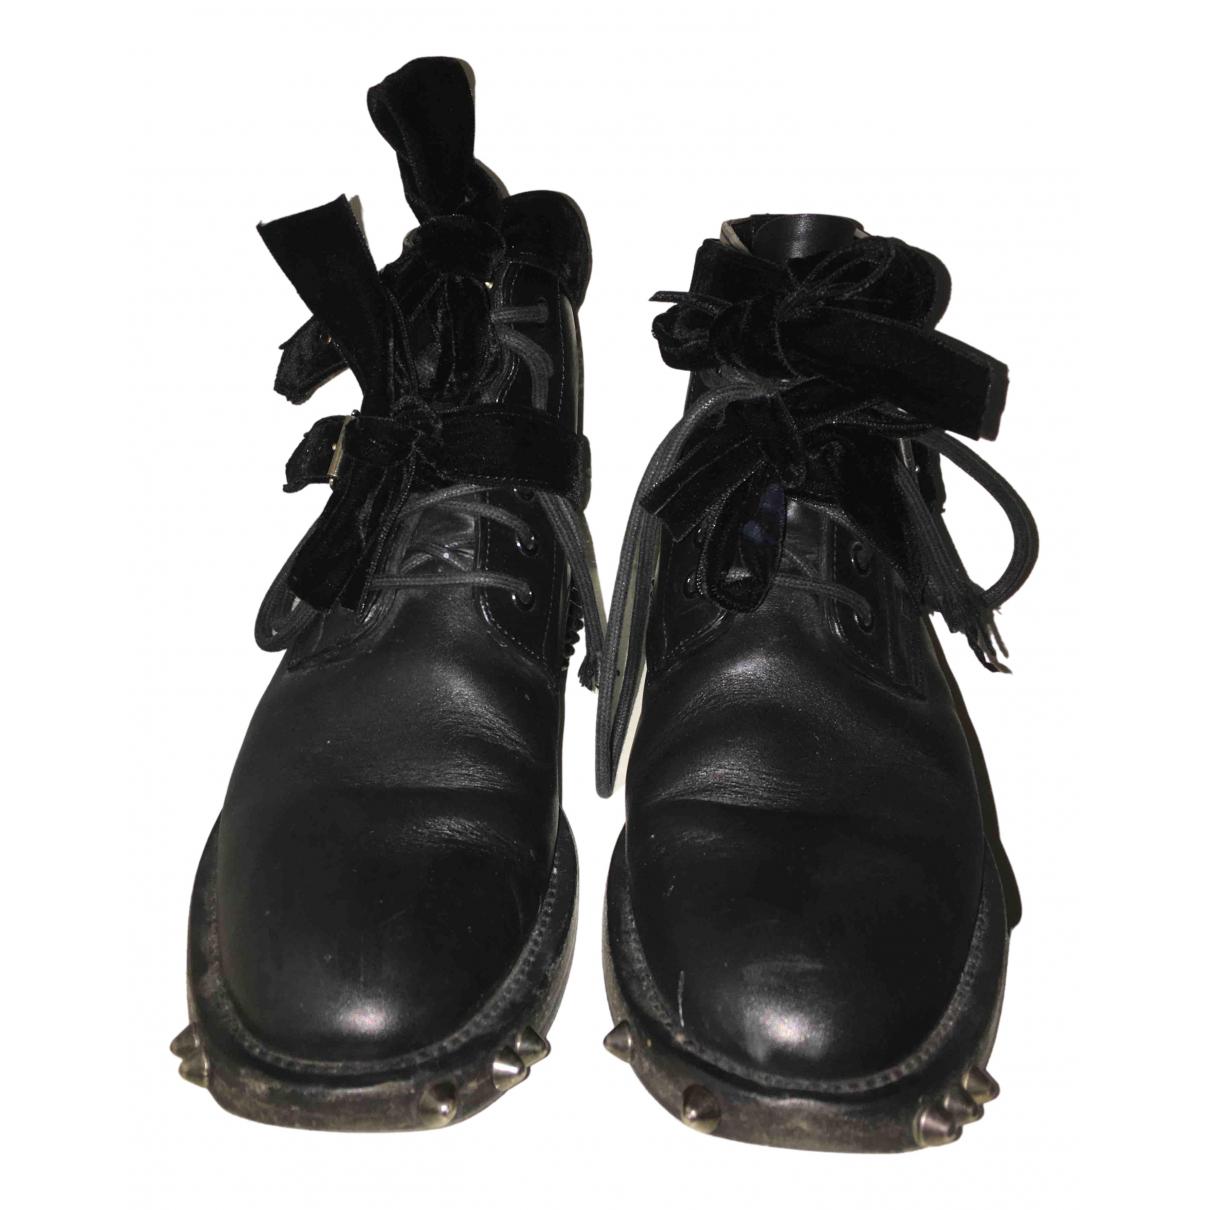 Saint Laurent N Black Leather Boots for Women 41,5 EU